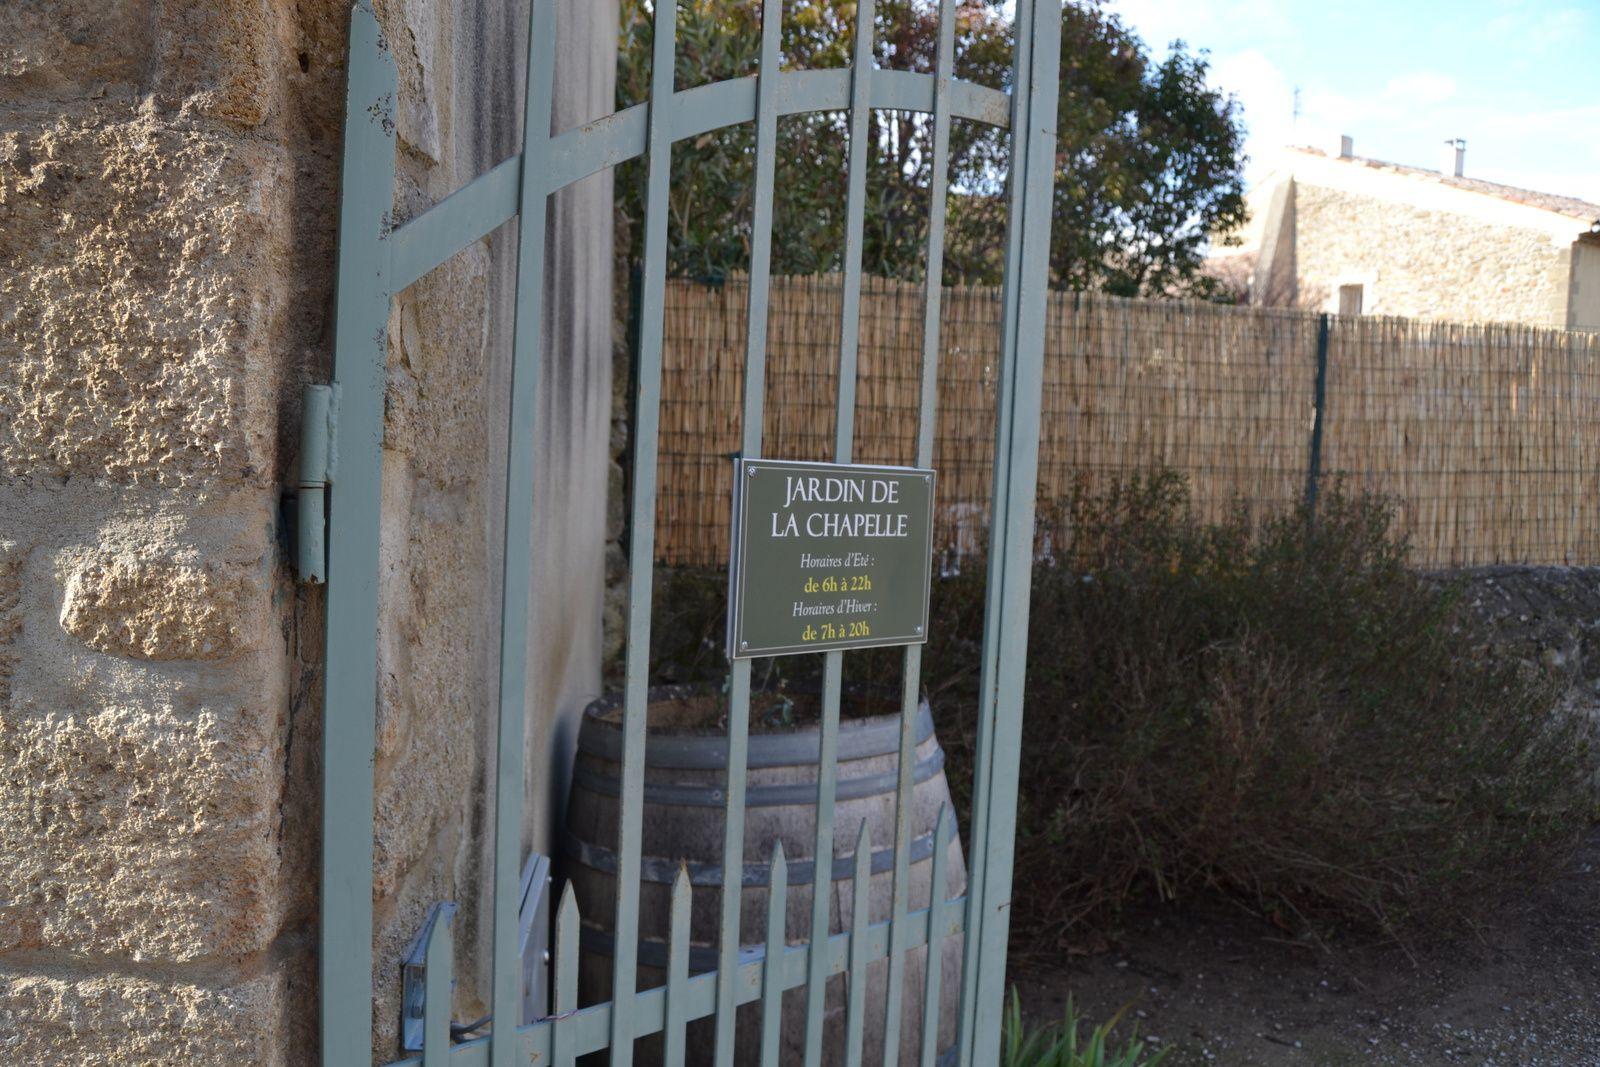 En 1882, la Chapelle est dite « en ruine ». Le maire du village, le Docteur Goudareau, et son Conseil municipal, se basant sur le cadastre de 1747, qui donne propriété à la commune, décide de la démolition de la chapelle, pour y construire à la place une école. Le village est pris dans la tourmente, une très forte polémique orchestrée par le Curé Cortasse, va durer dix ans.